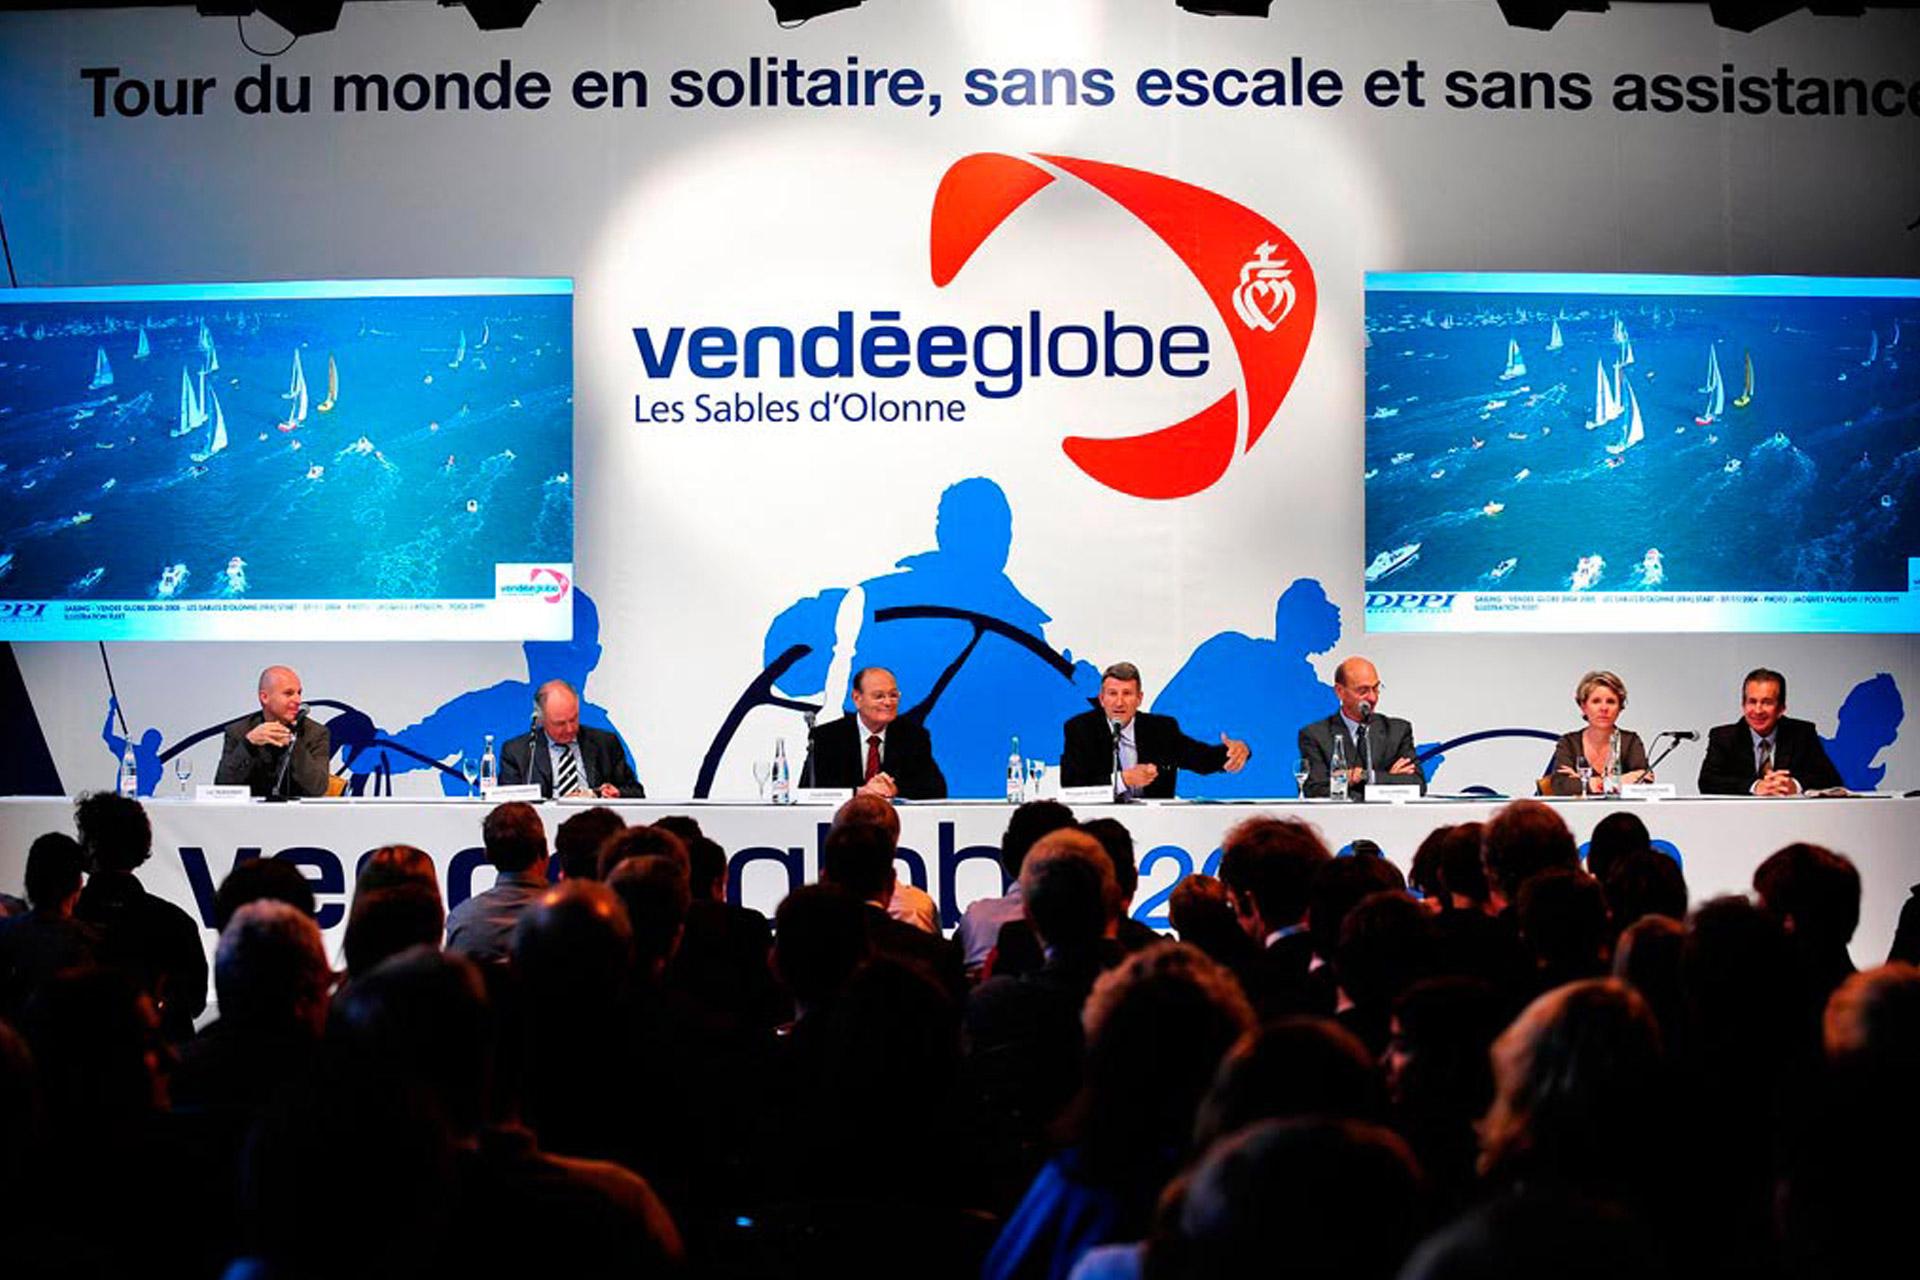 Conférence de presse Vendée Globe 2008-2009